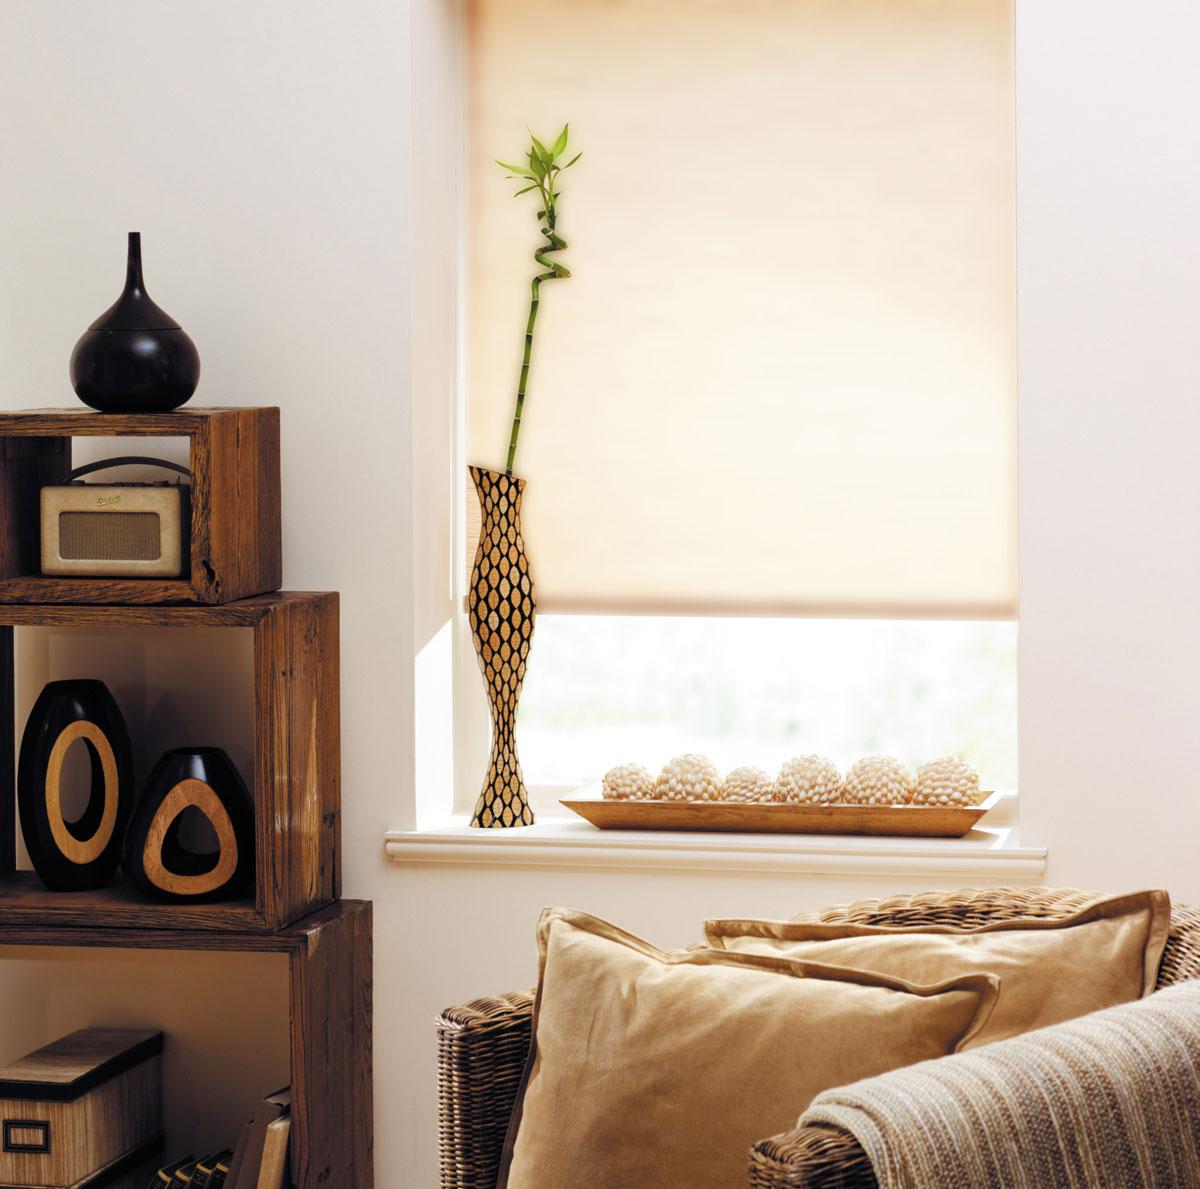 Миниролло KauffOrt 37х170 см, цвет: бежевый лен3037409Рулонная штора Миниролло выполнена из высокопрочной ткани бежевого цвета, которая сохраняет свой размер даже при намокании. Ткань не выцветает и обладает отличной цветоустойчивостью. Миниролло - это подвид рулонных штор, который закрывает не весь оконный проем, а непосредственно само стекло. Такие шторы крепятся на раму без сверления при помощи зажимов или клейкой двухсторонней ленты. Окно остаётся на гарантии, благодаря монтажу без сверления. Такая штора станет прекрасным элементом декора окна и гармонично впишется в интерьер любого помещения.